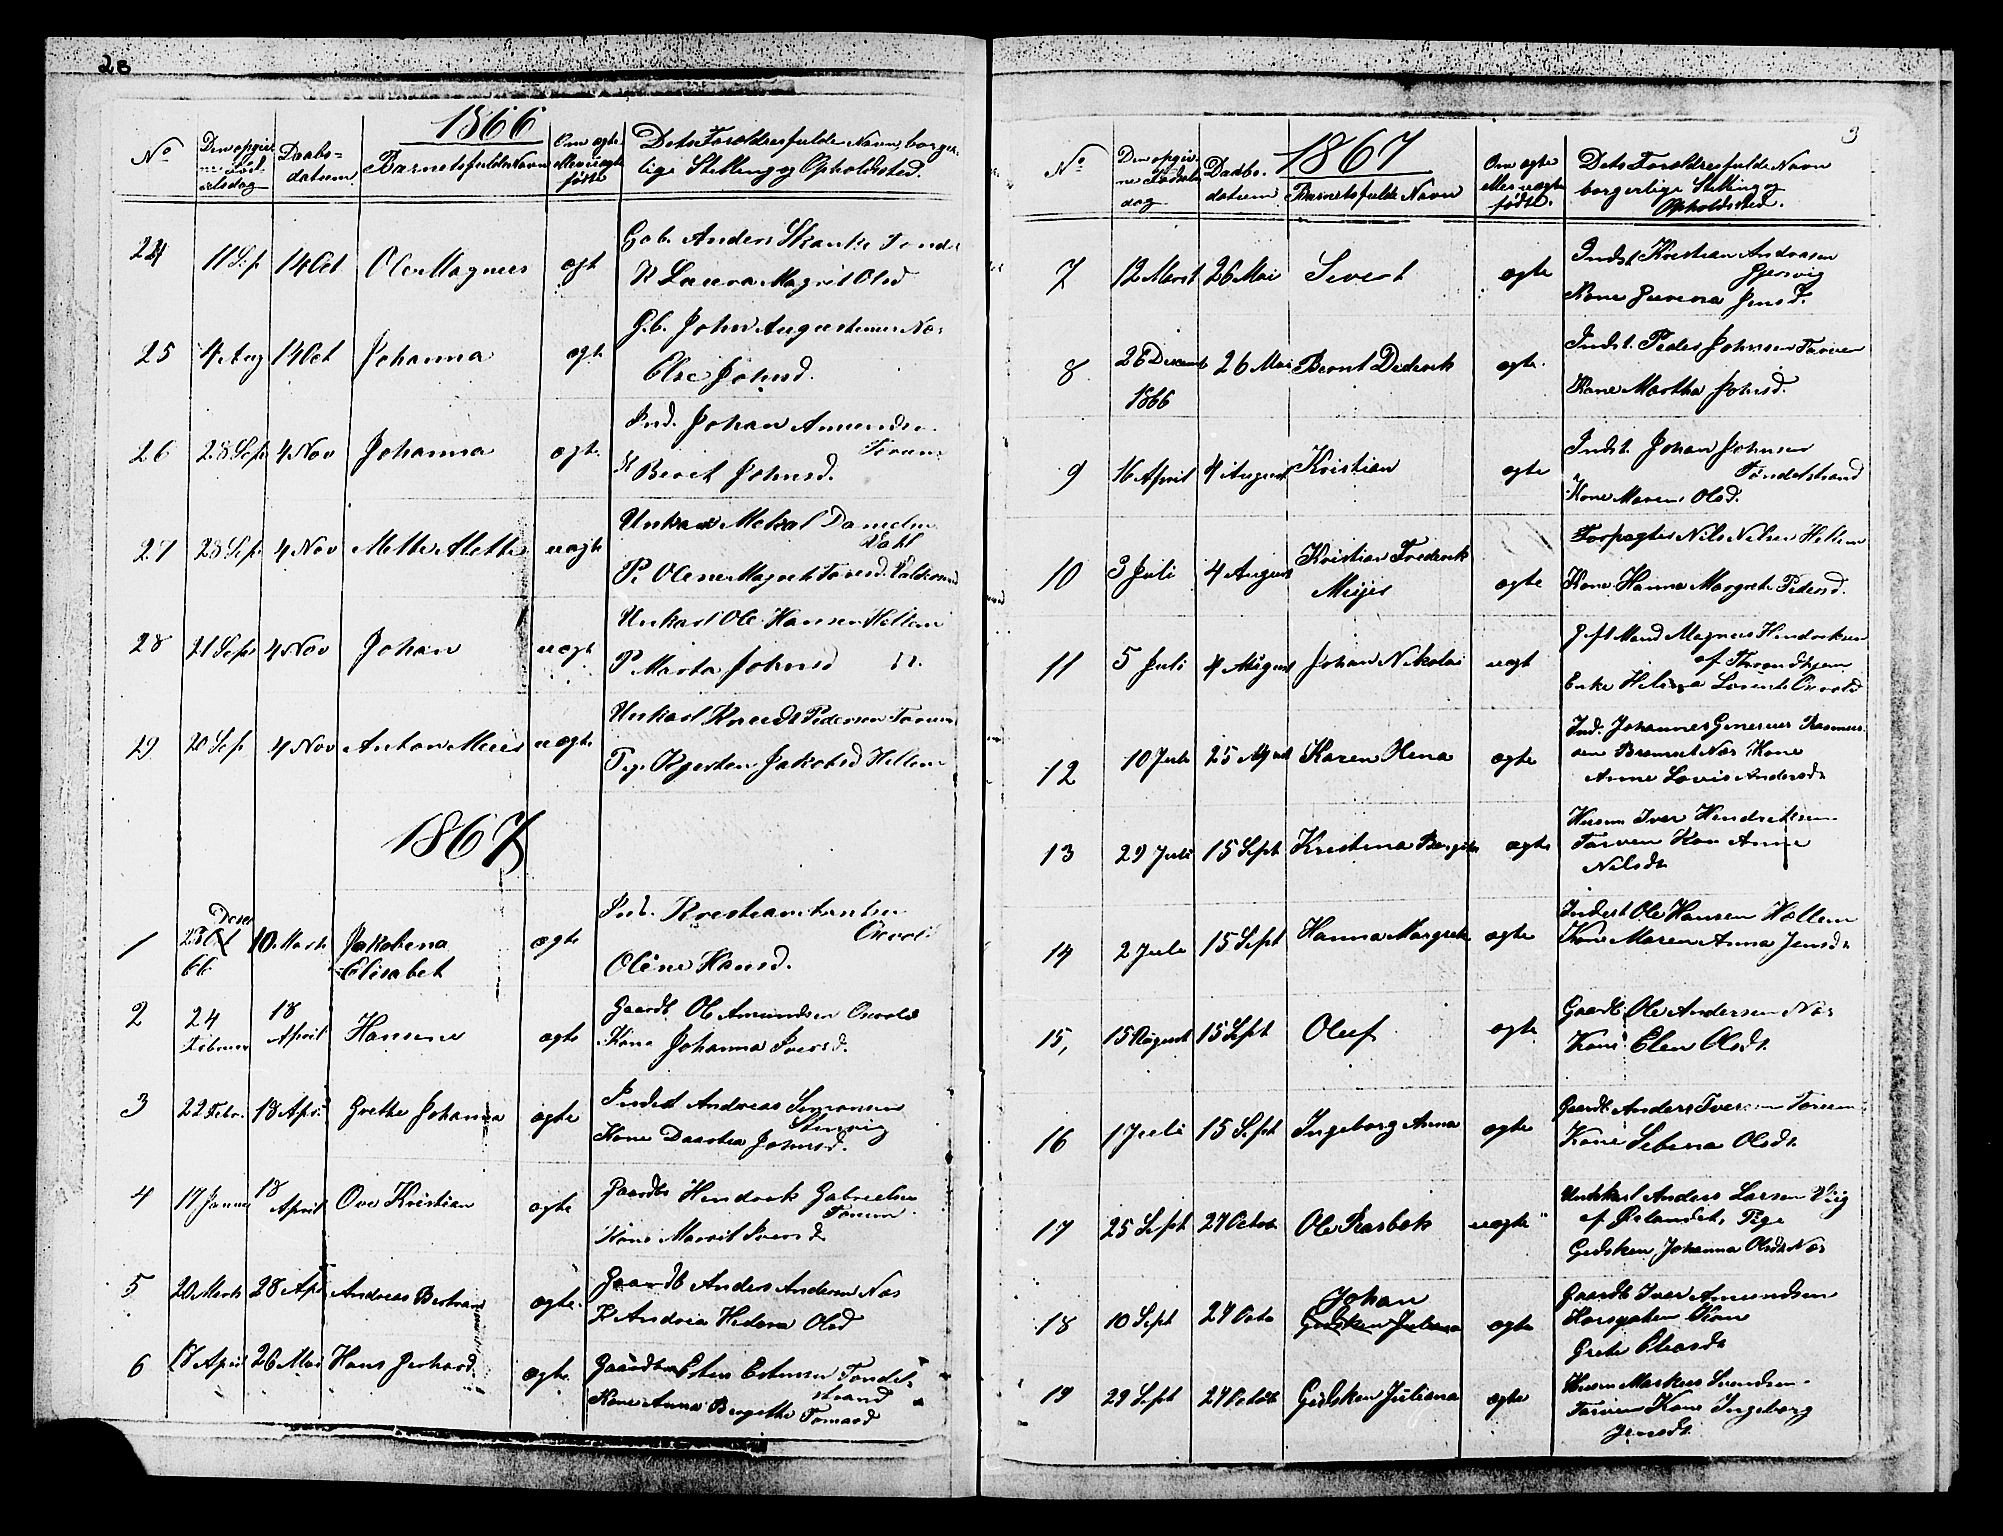 SAT, Ministerialprotokoller, klokkerbøker og fødselsregistre - Sør-Trøndelag, 652/L0653: Klokkerbok nr. 652C01, 1866-1910, s. 3